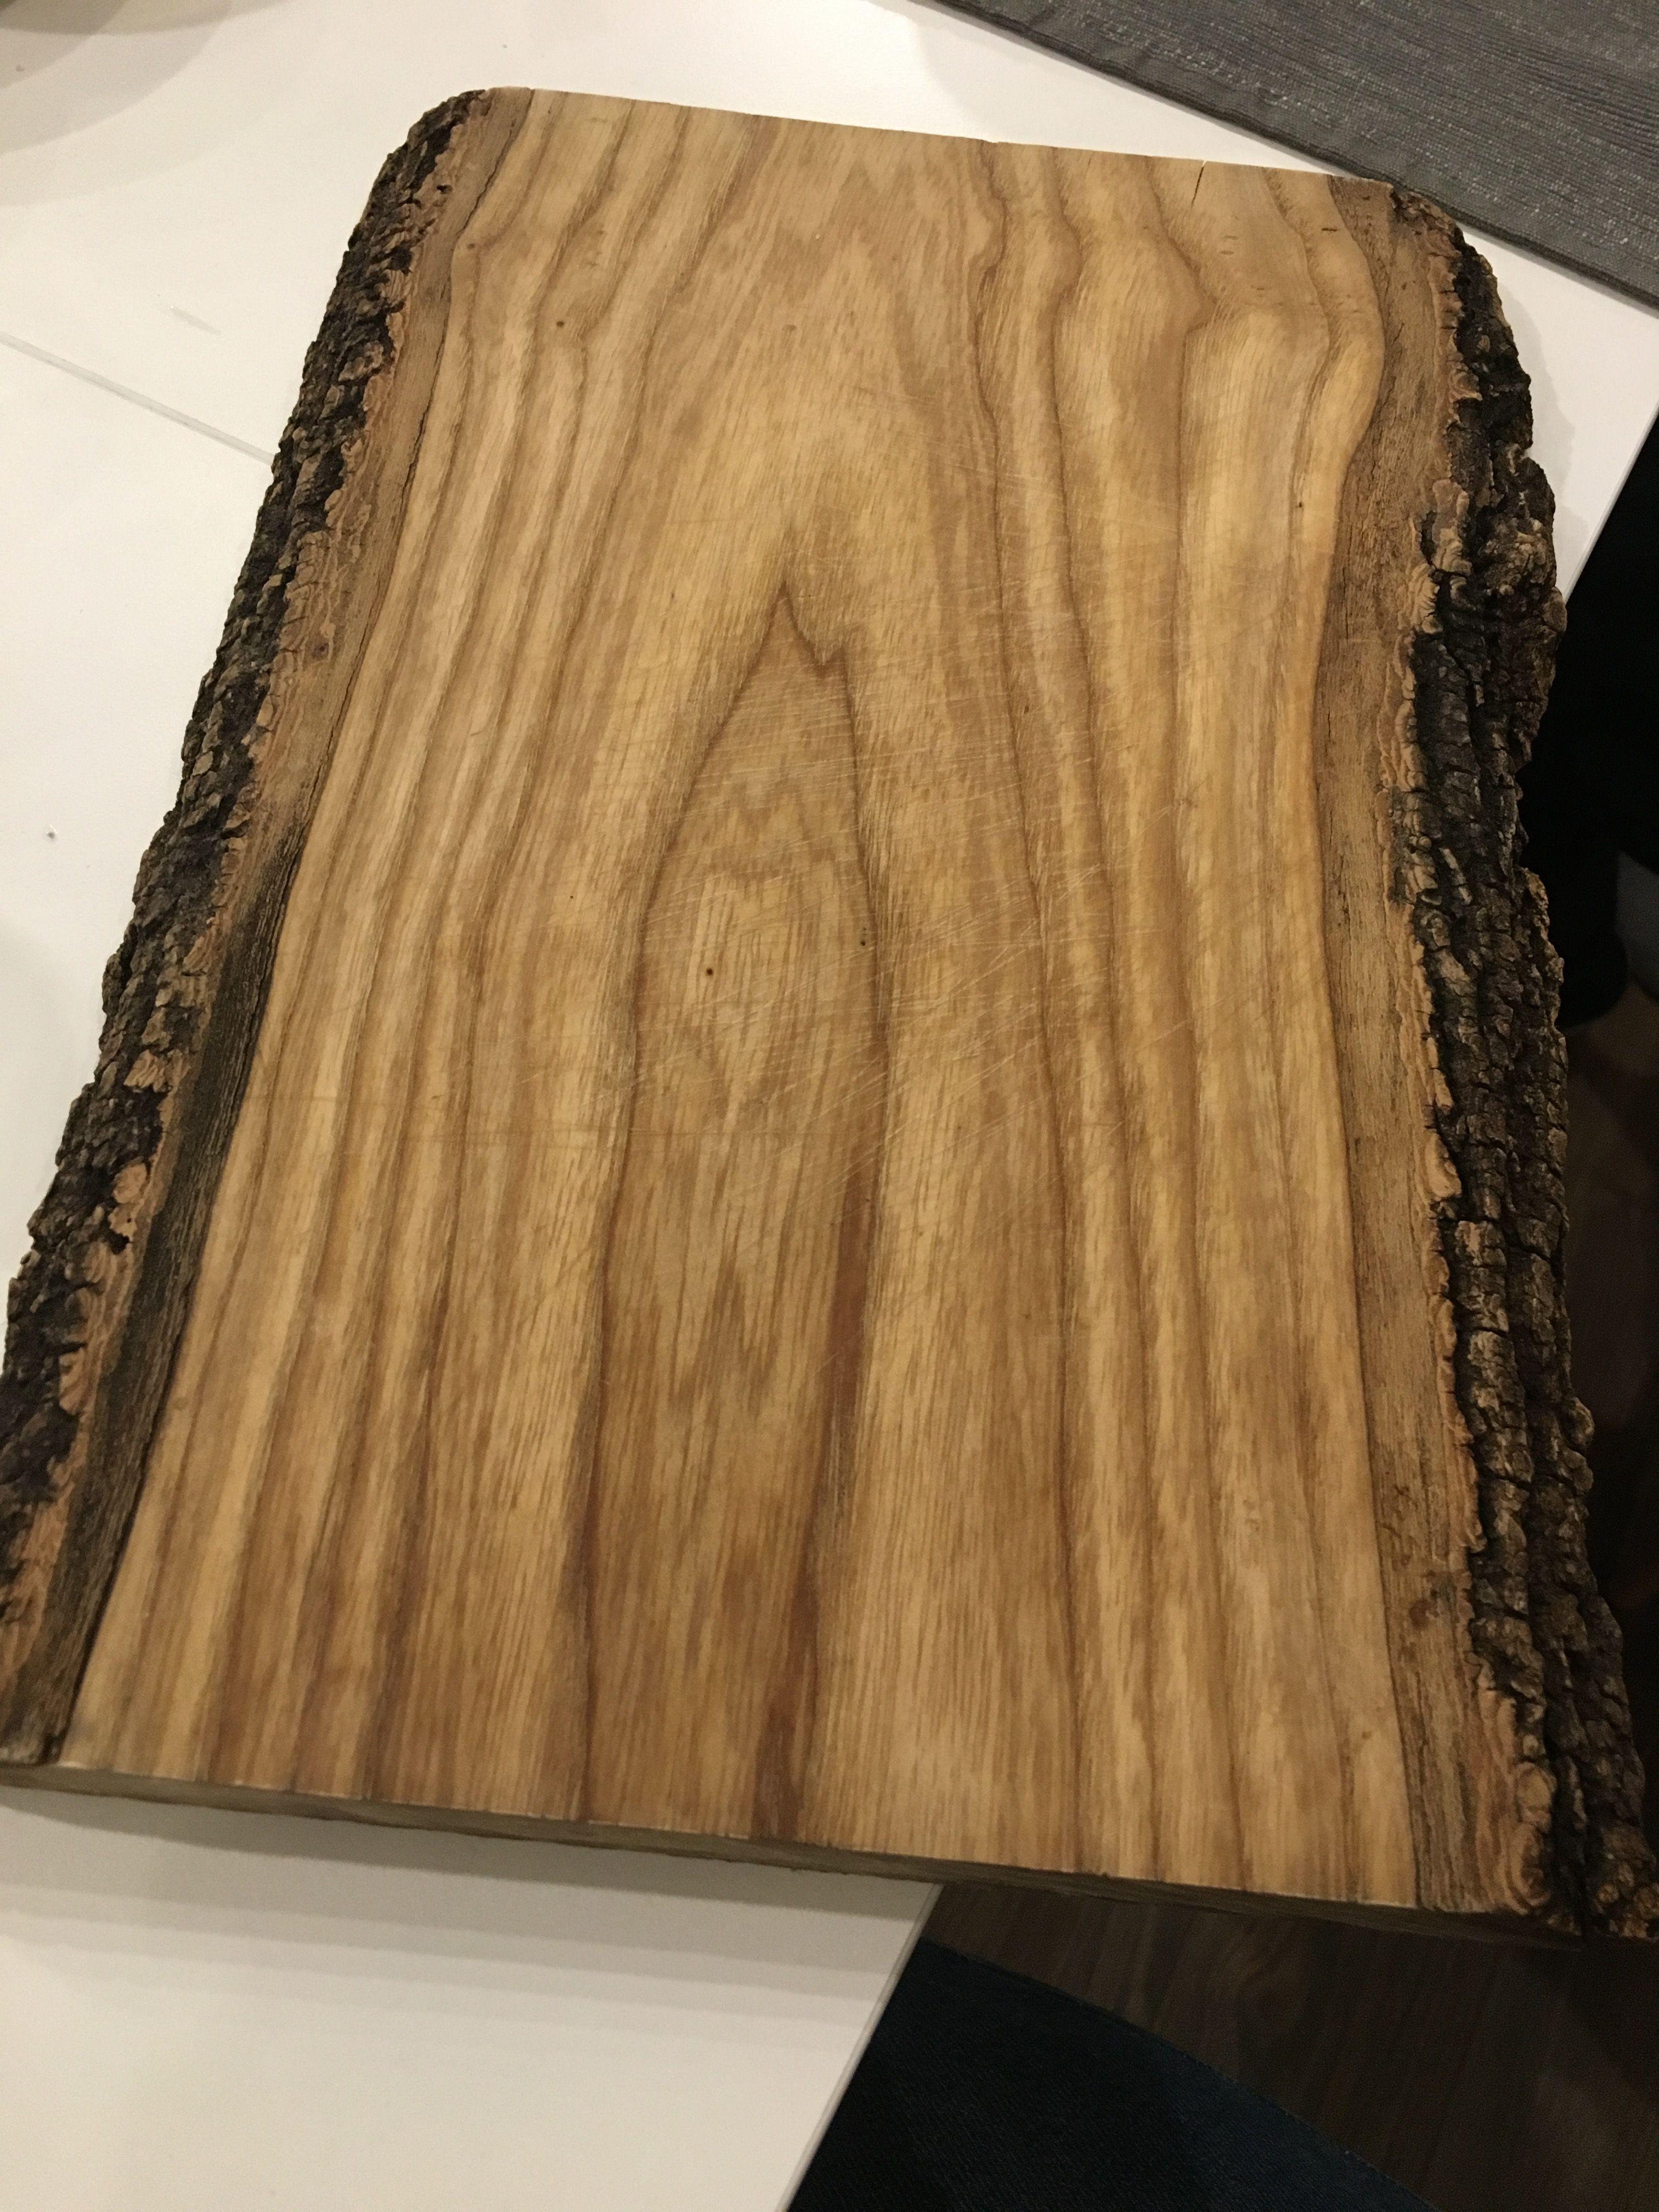 #Oak #wood #woodworking #kitchenboard